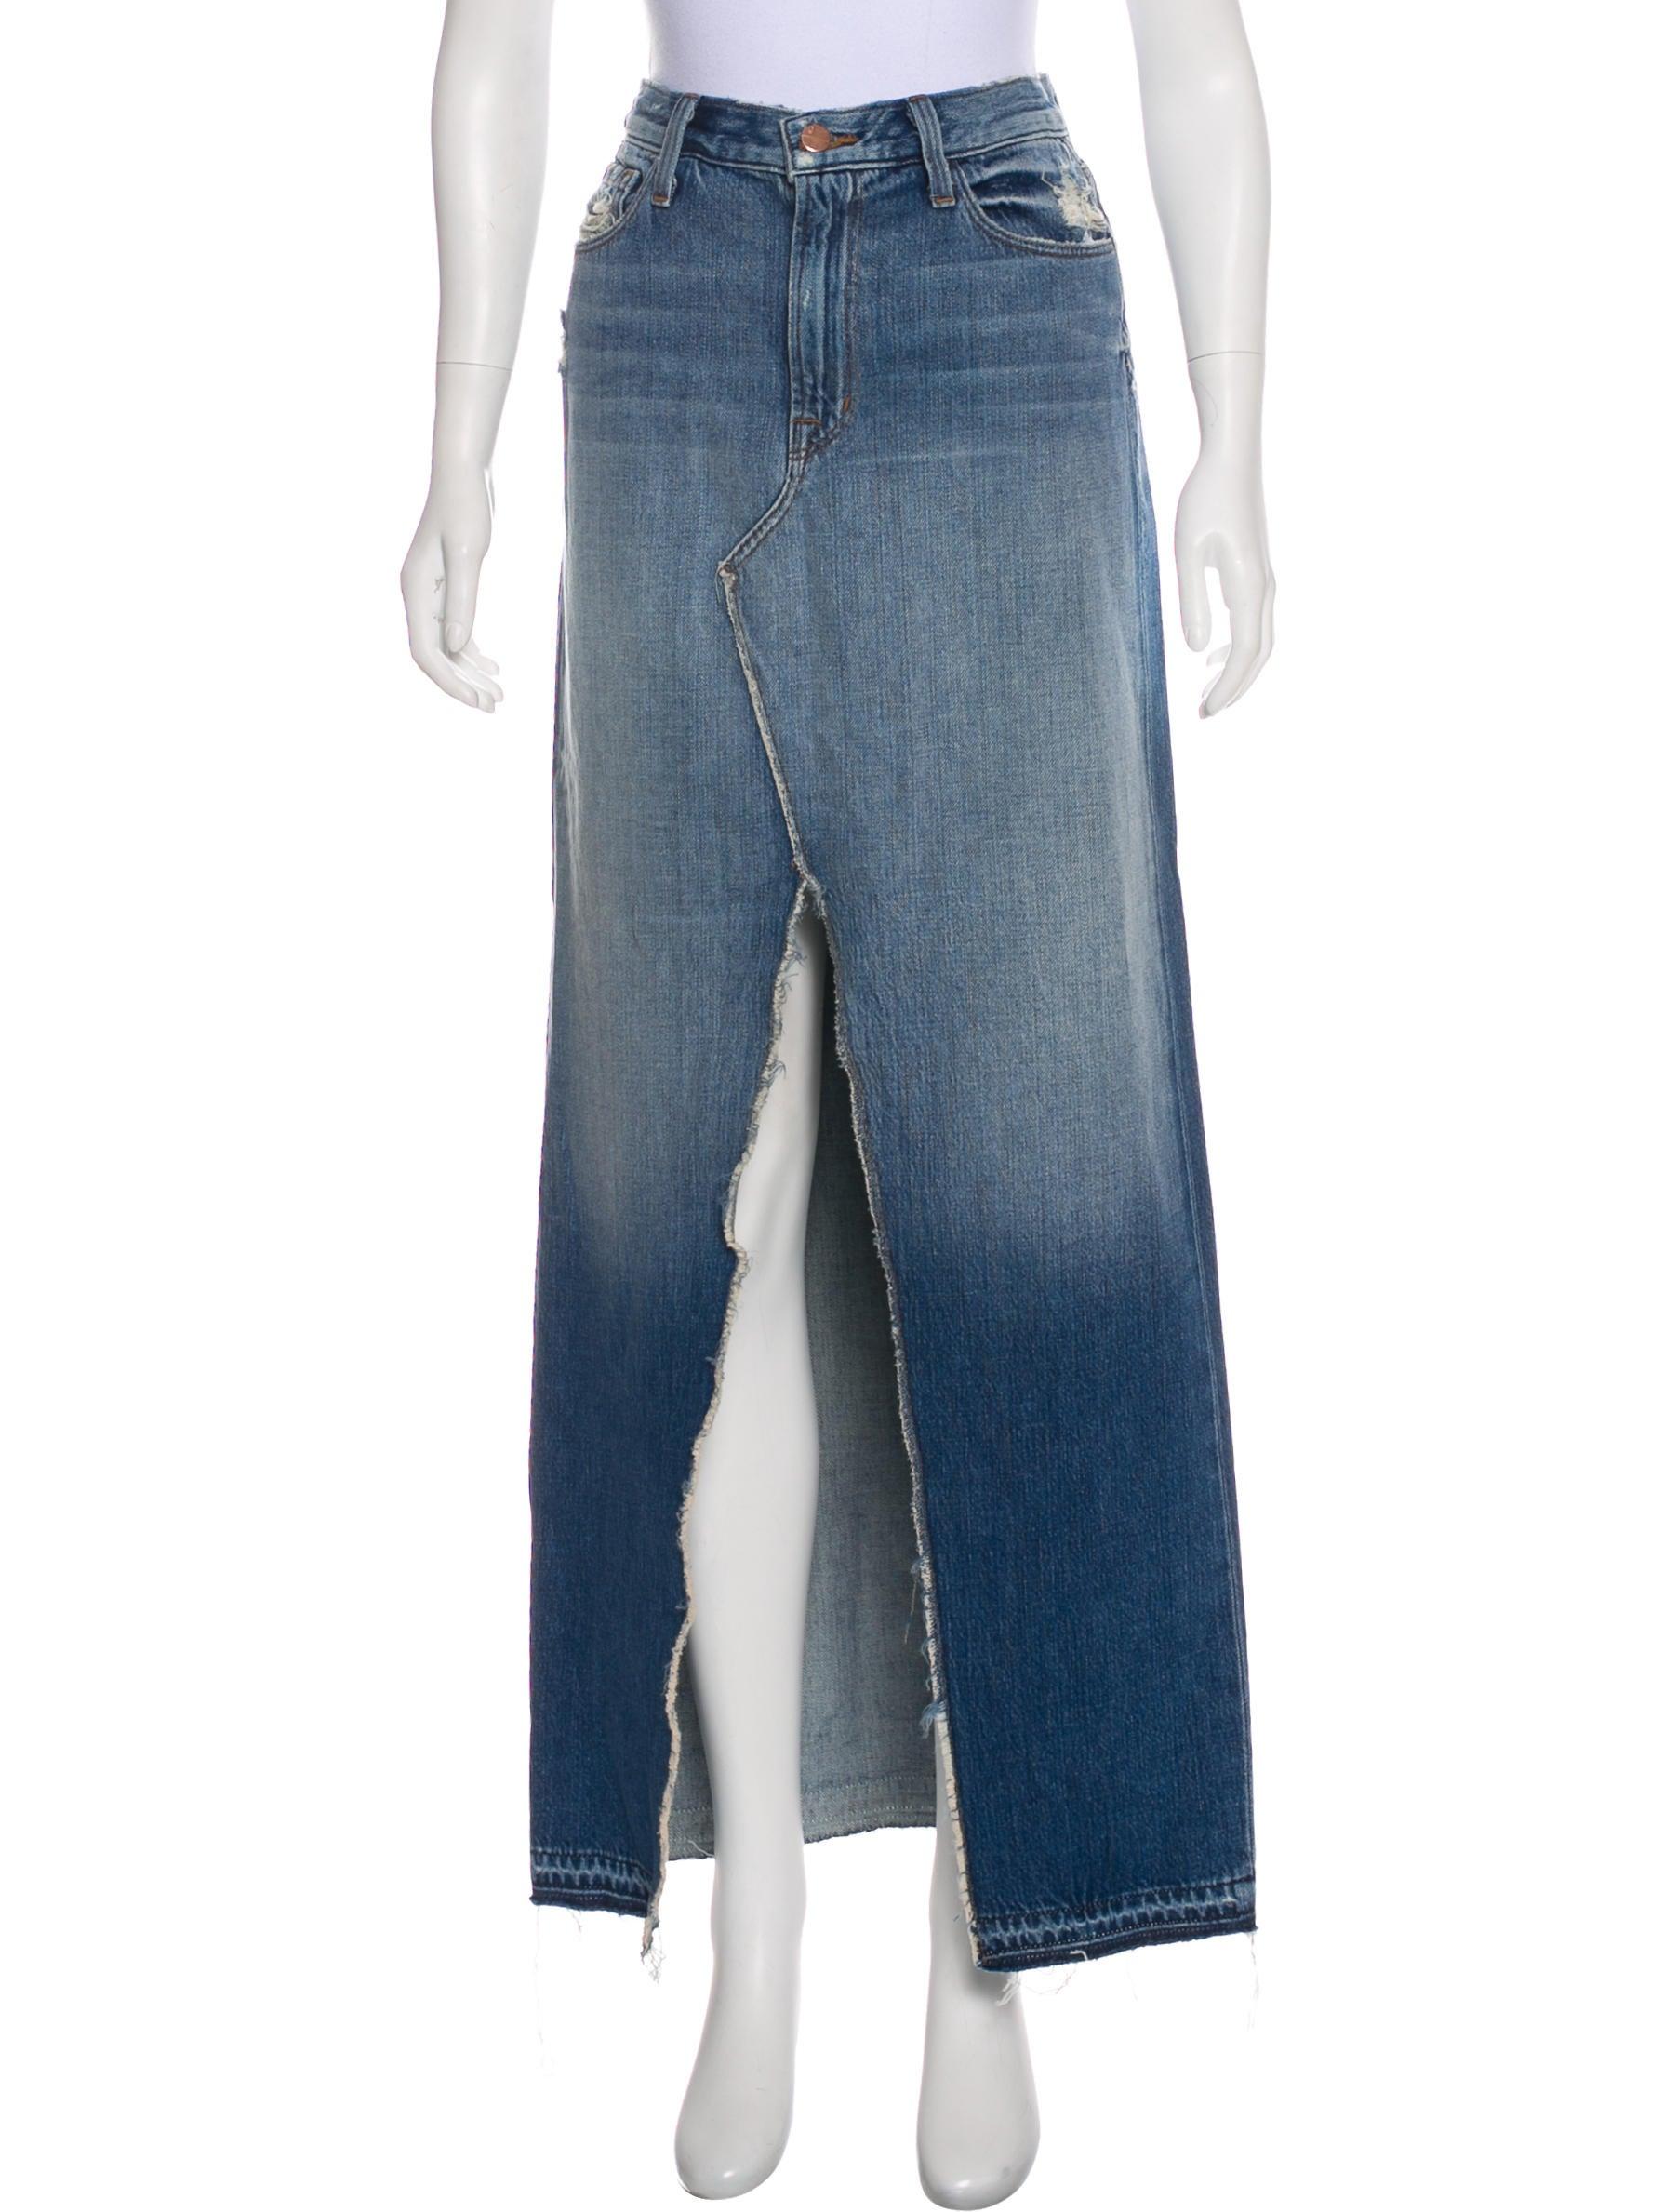 a60b59f854 J Brand Trystan Maxi Denim Skirt w/ Tags - Clothing - WJB44341 | The ...